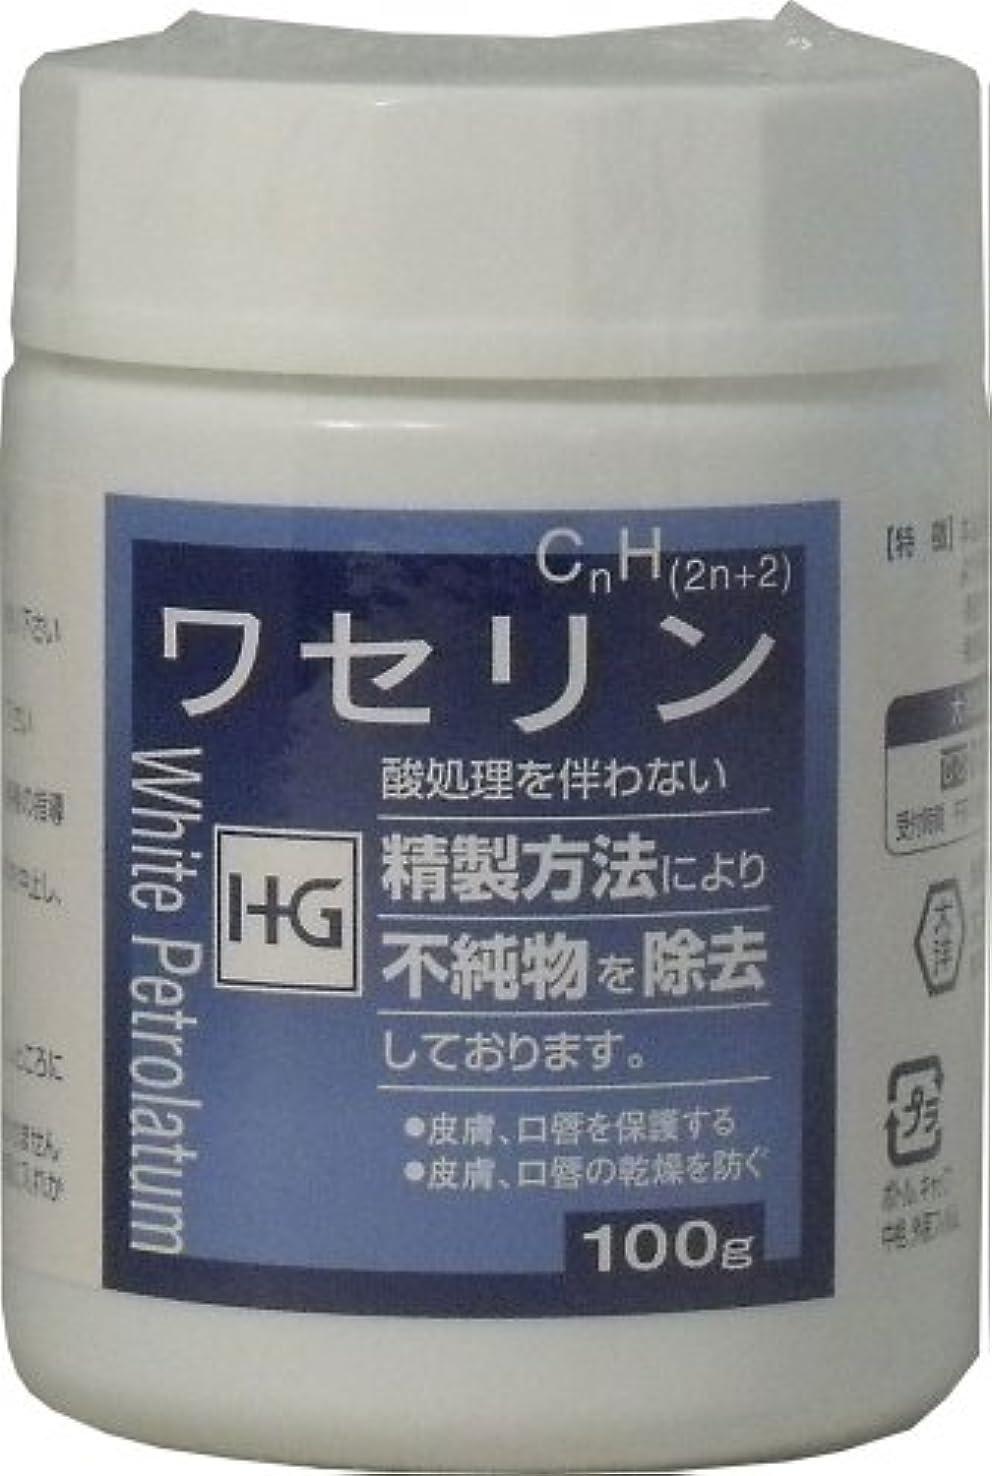 精神落とし穴ムスタチオ皮膚保護 ワセリンHG 100g